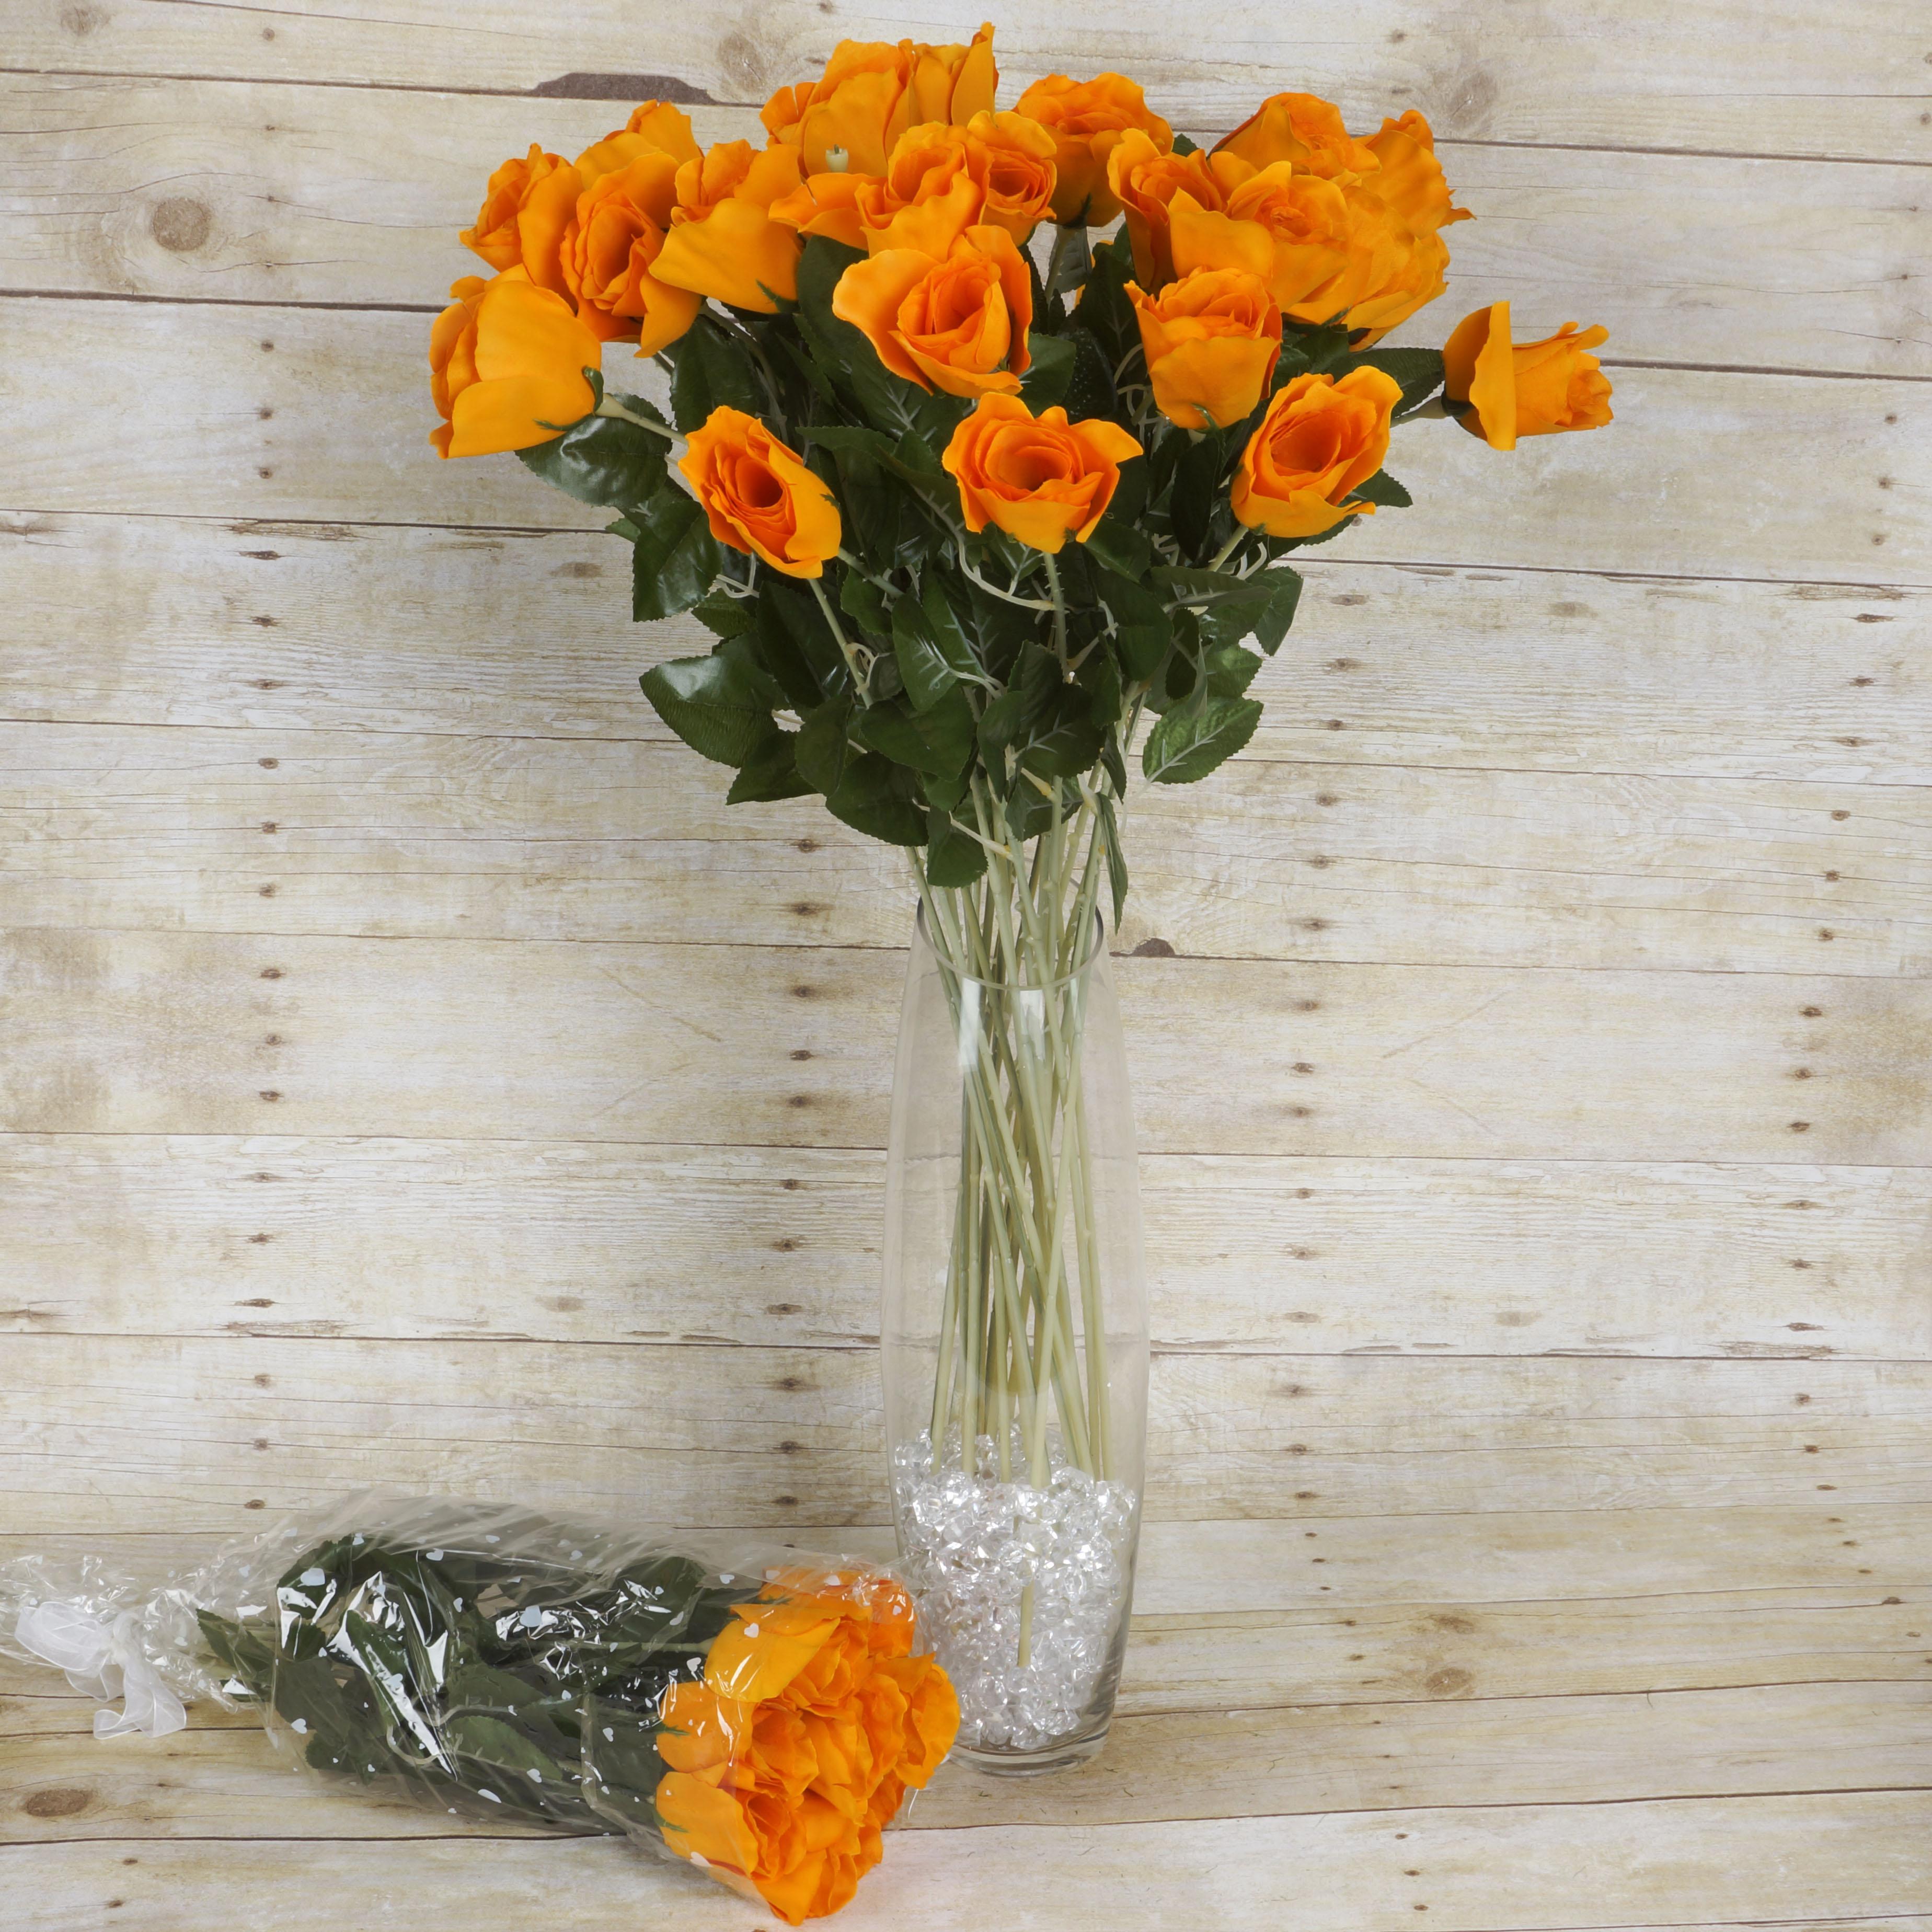 Efavormart 48 pcs Long Single Stem Rose Bundles for DIY Wedding Bouquets Centerpieces Arrangements Party Home Decorations Supply